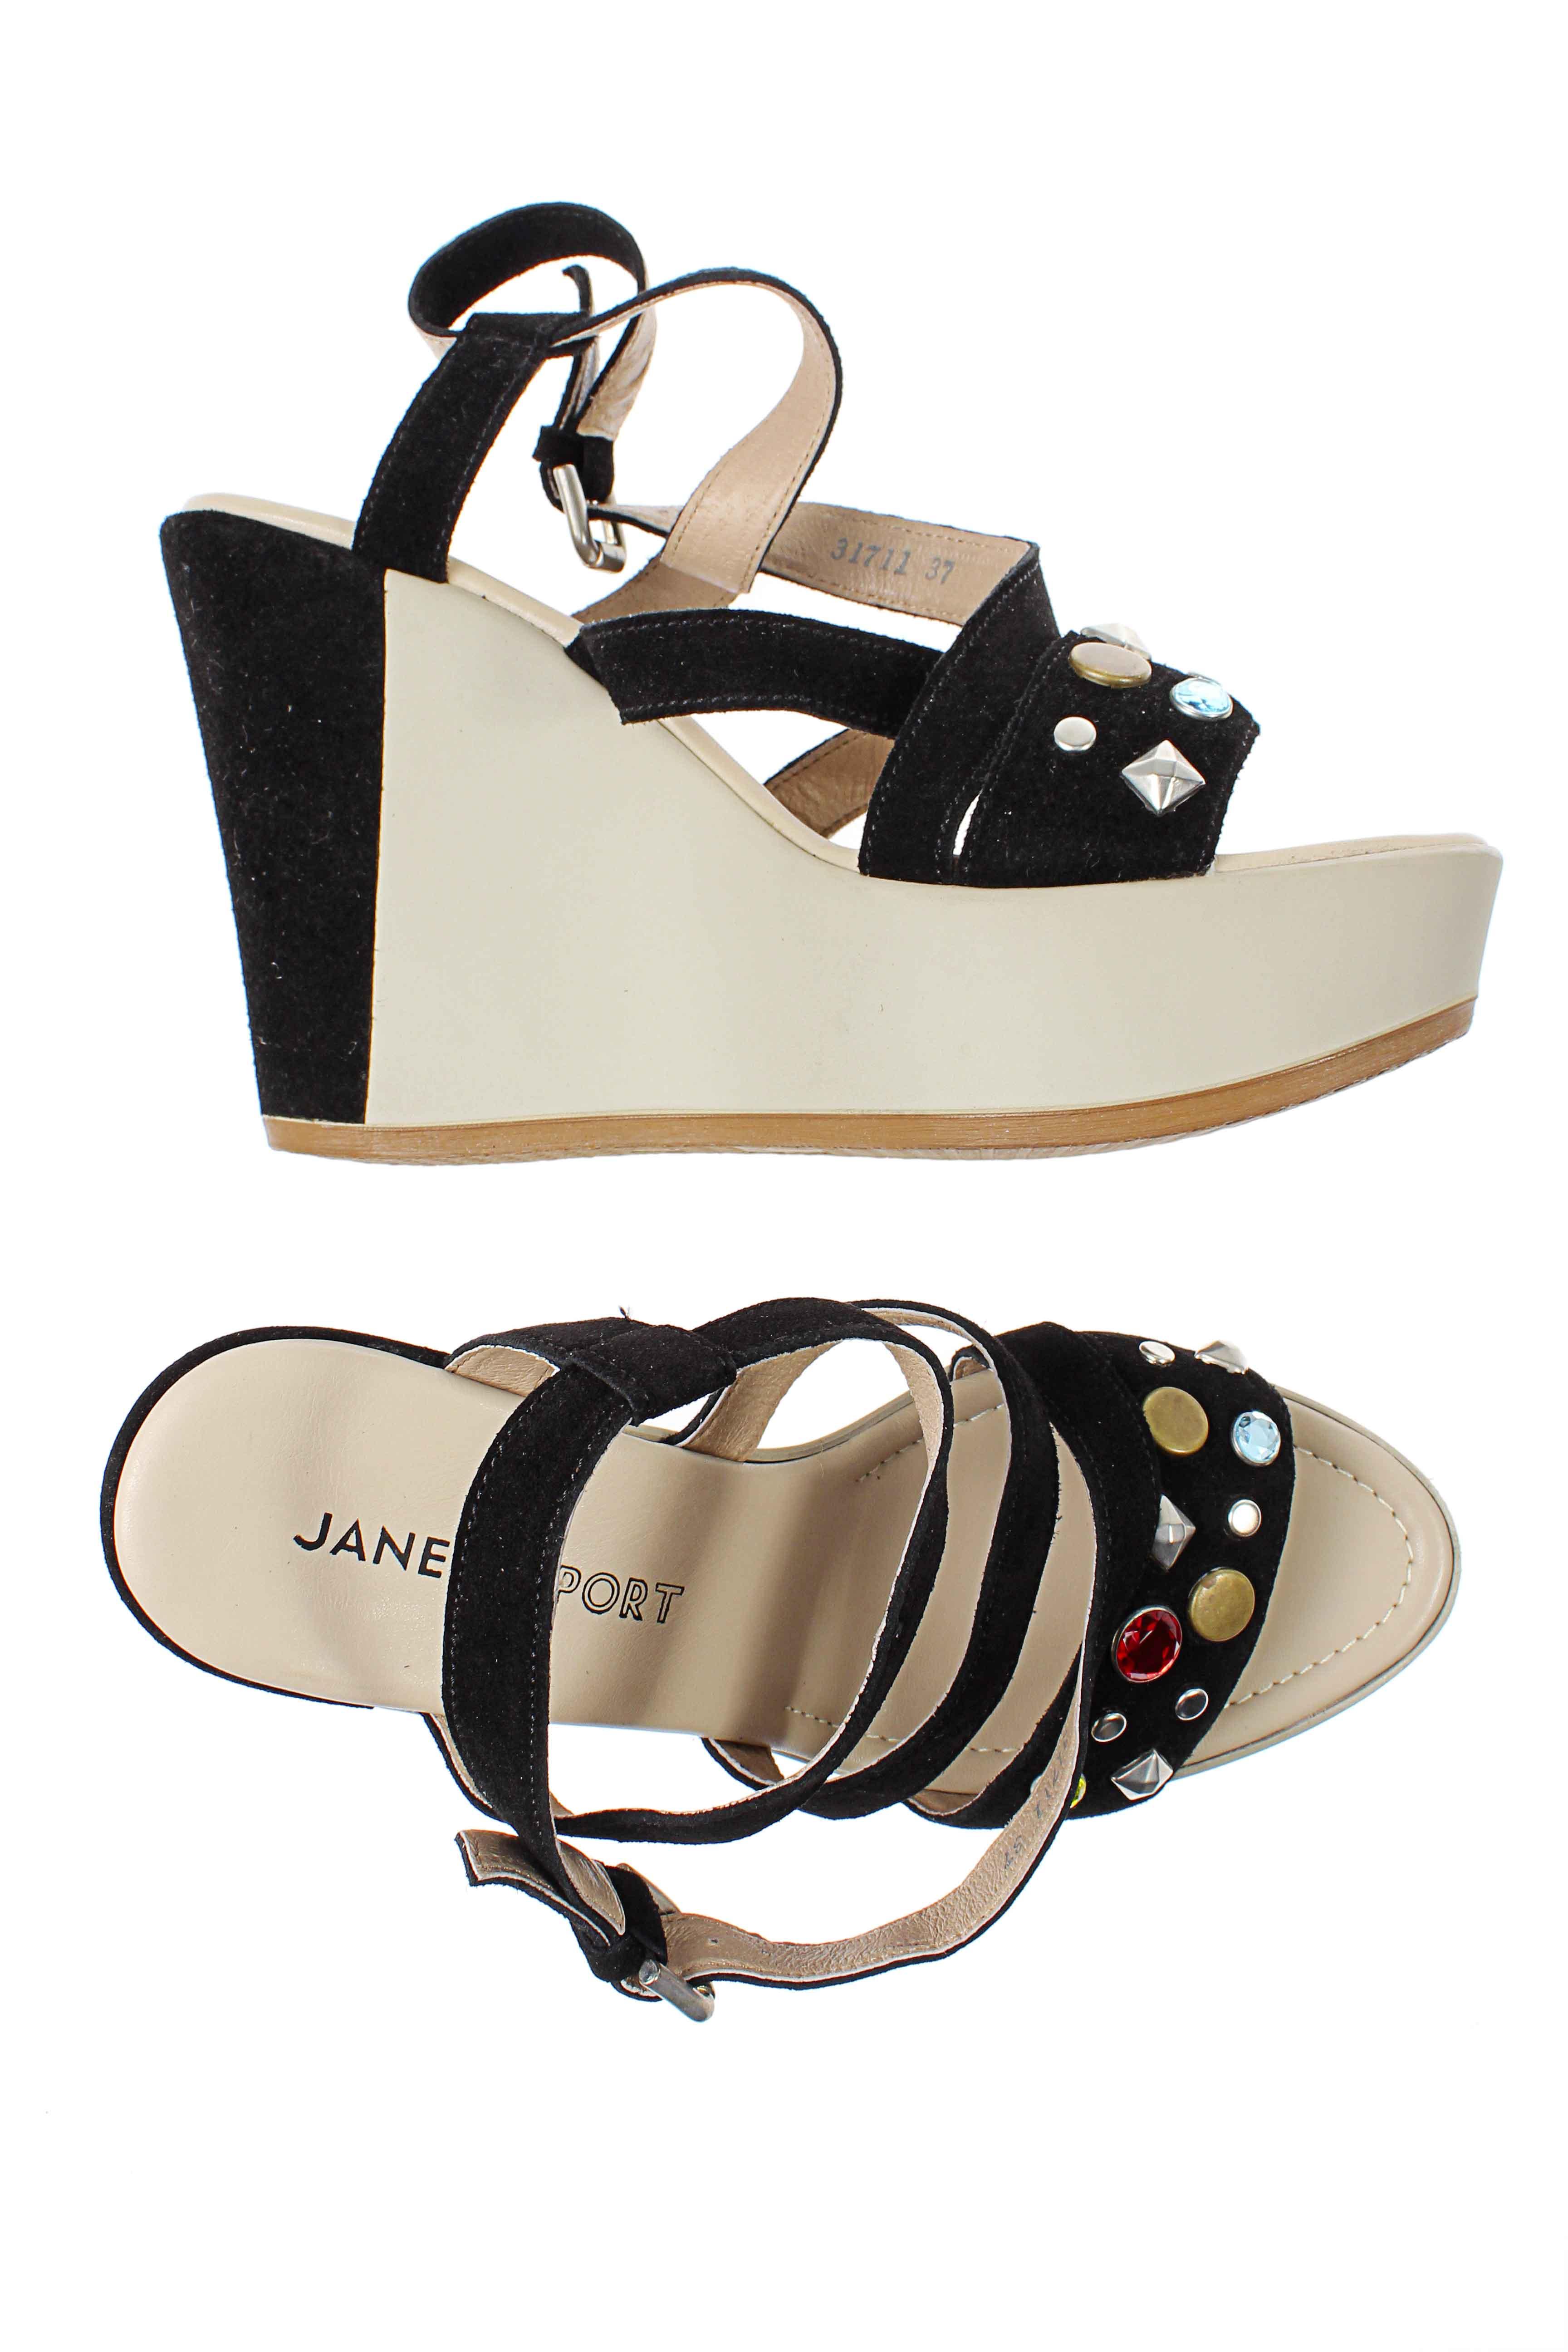 janet sport sandales nu pieds femme de couleur noir en soldes pas cher 644940 noir00 modz. Black Bedroom Furniture Sets. Home Design Ideas